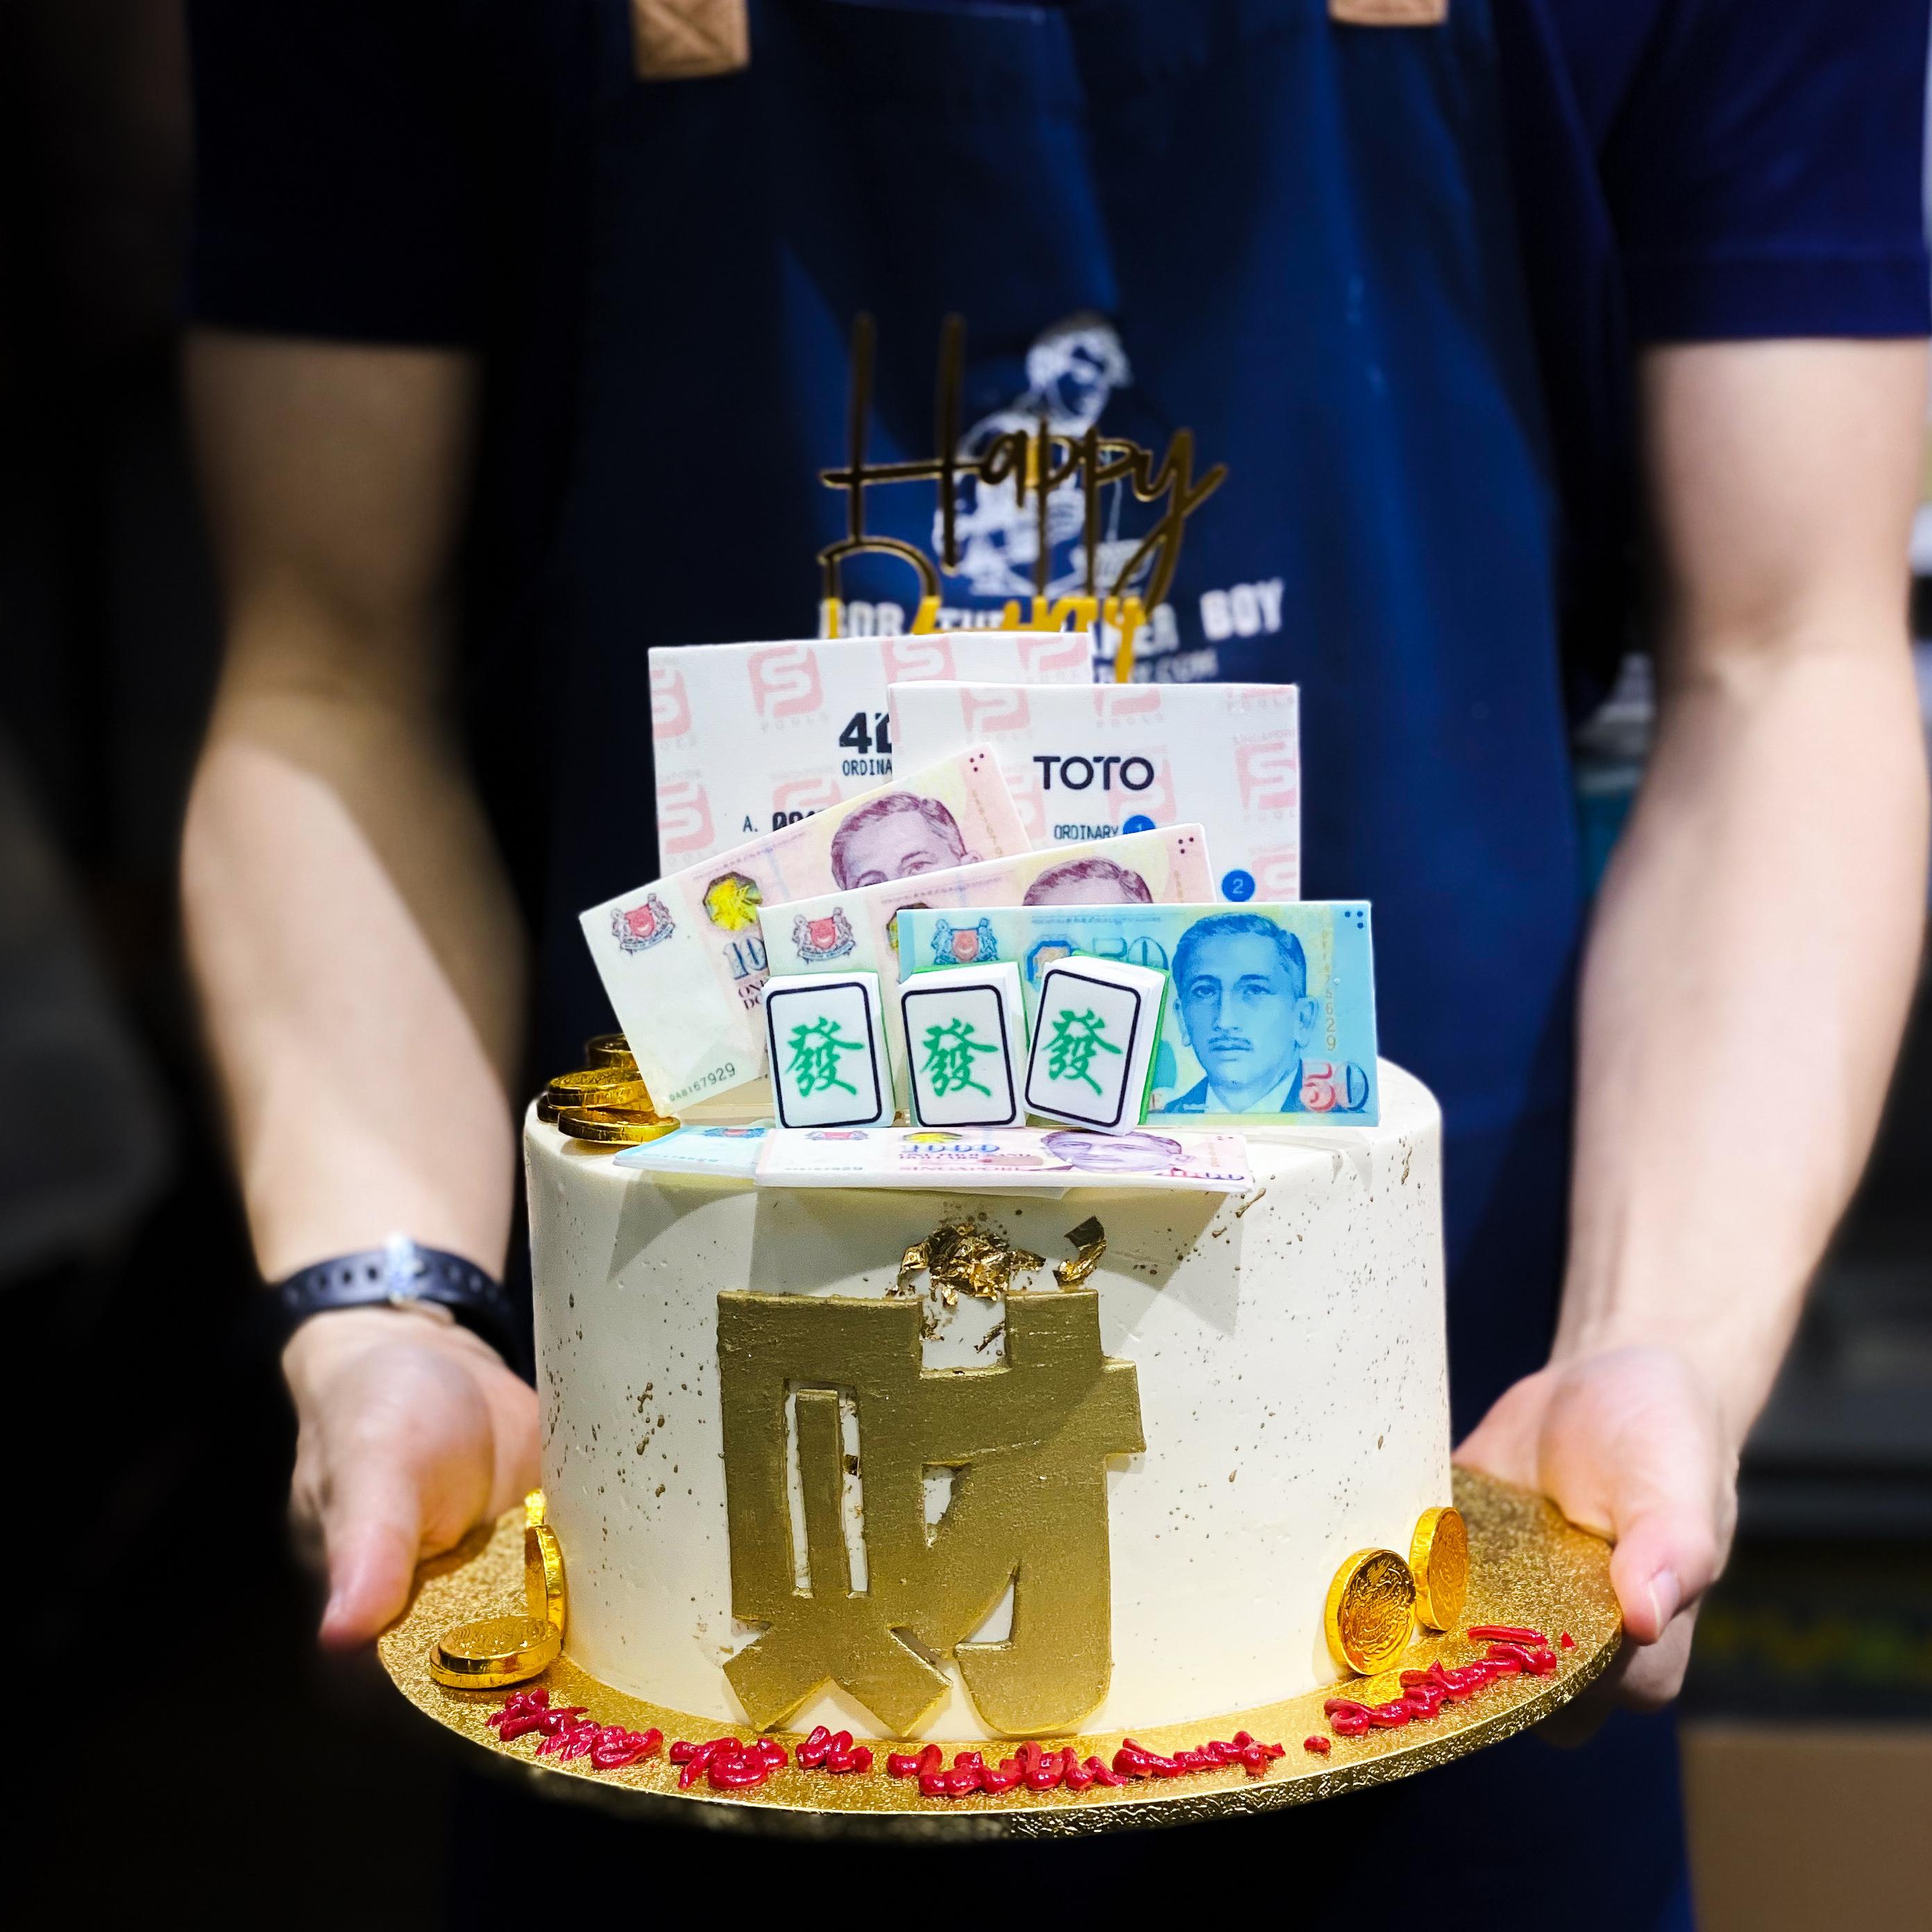 Fa Cai Toto and 4D Lottery Cake